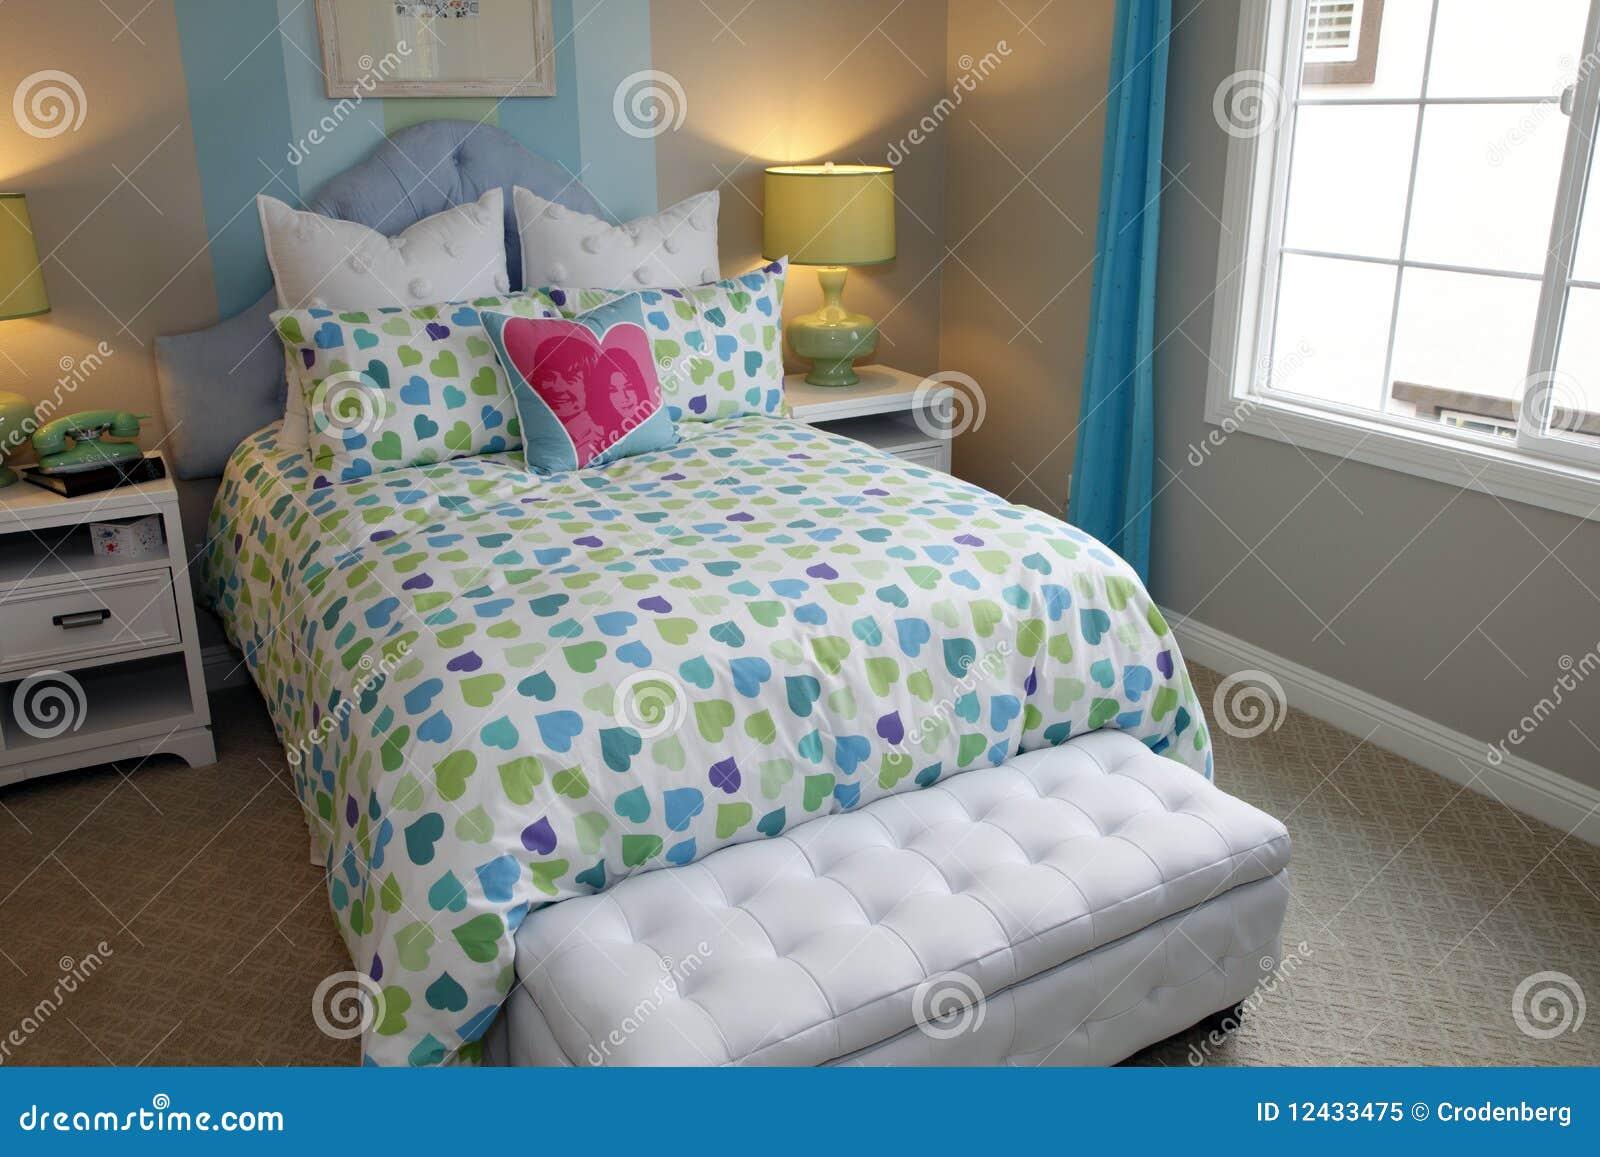 Decorazioni Camere Da Letto : Decorazione della camera da letto giovanile immagine stock